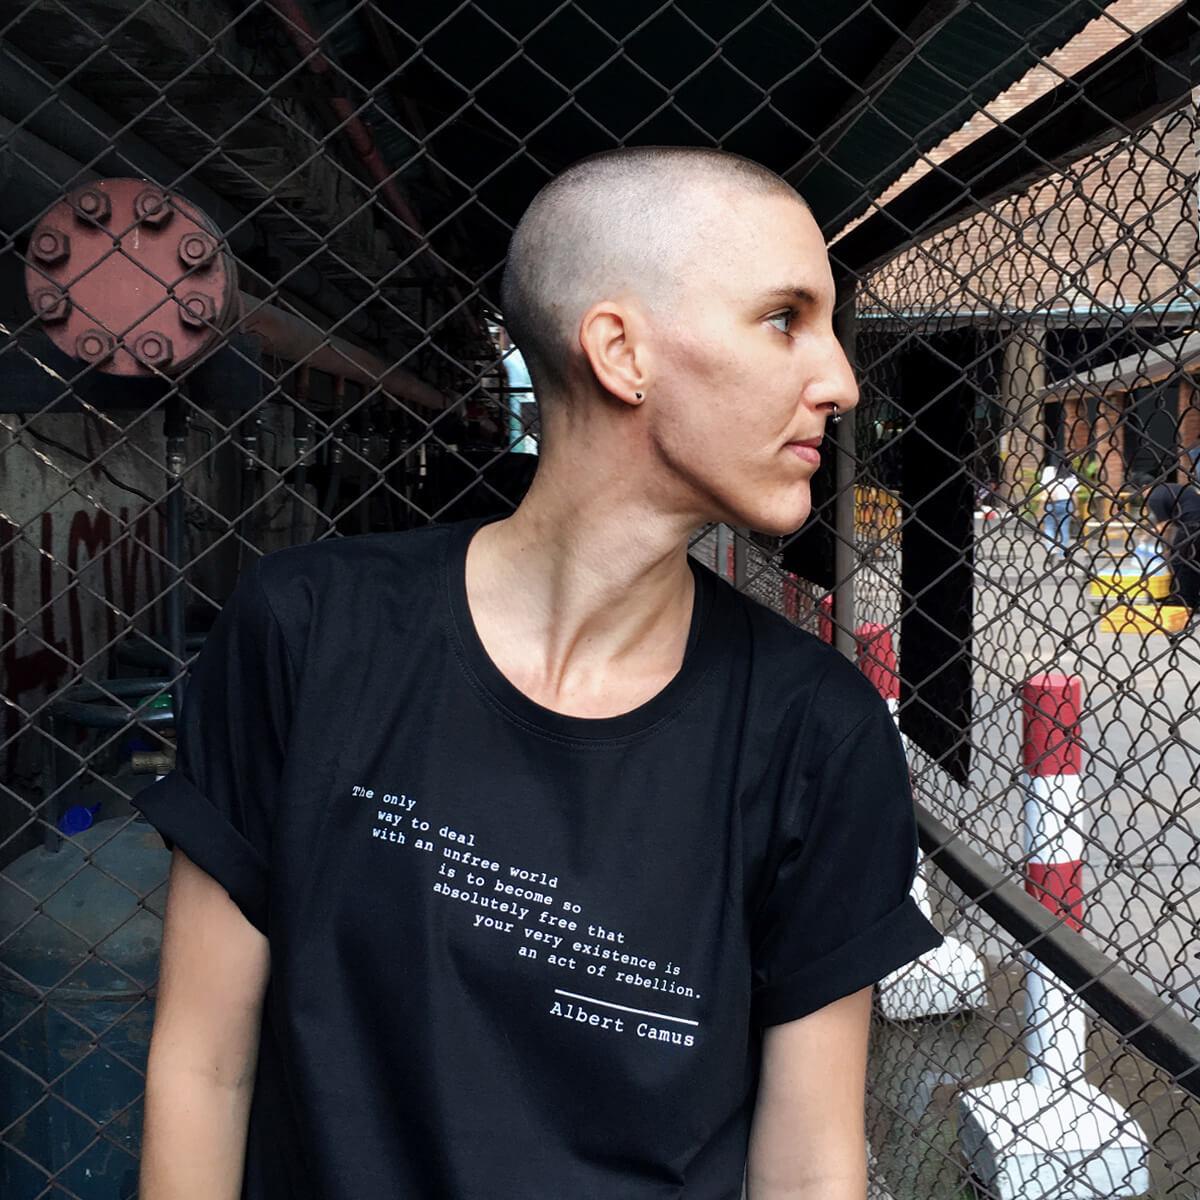 albert camus t-shirt rebellion quote